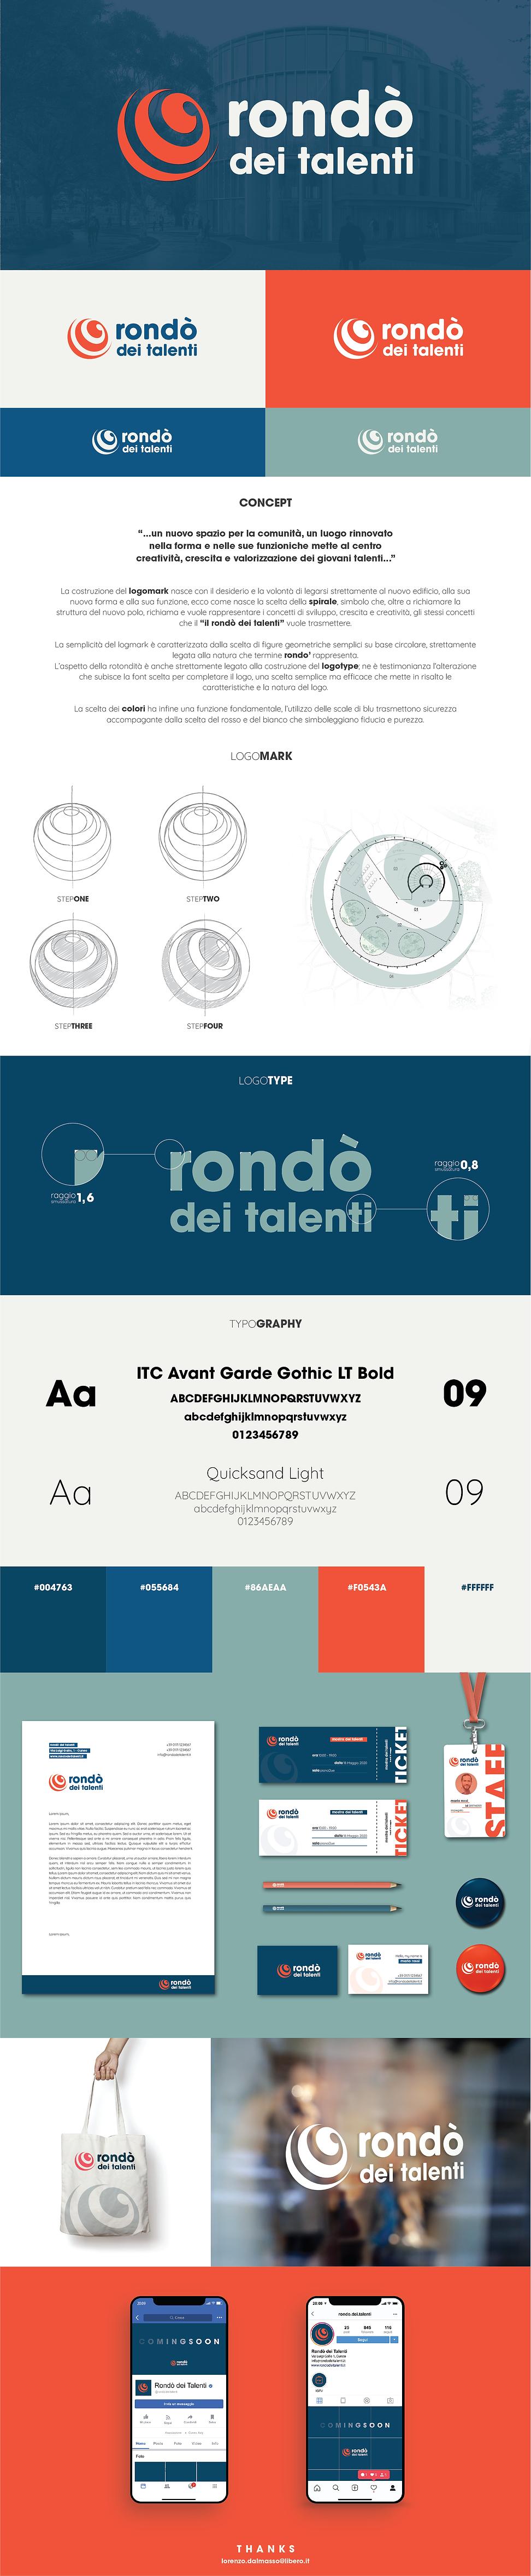 2020.05.18 Rondò dei Talenti-01.png